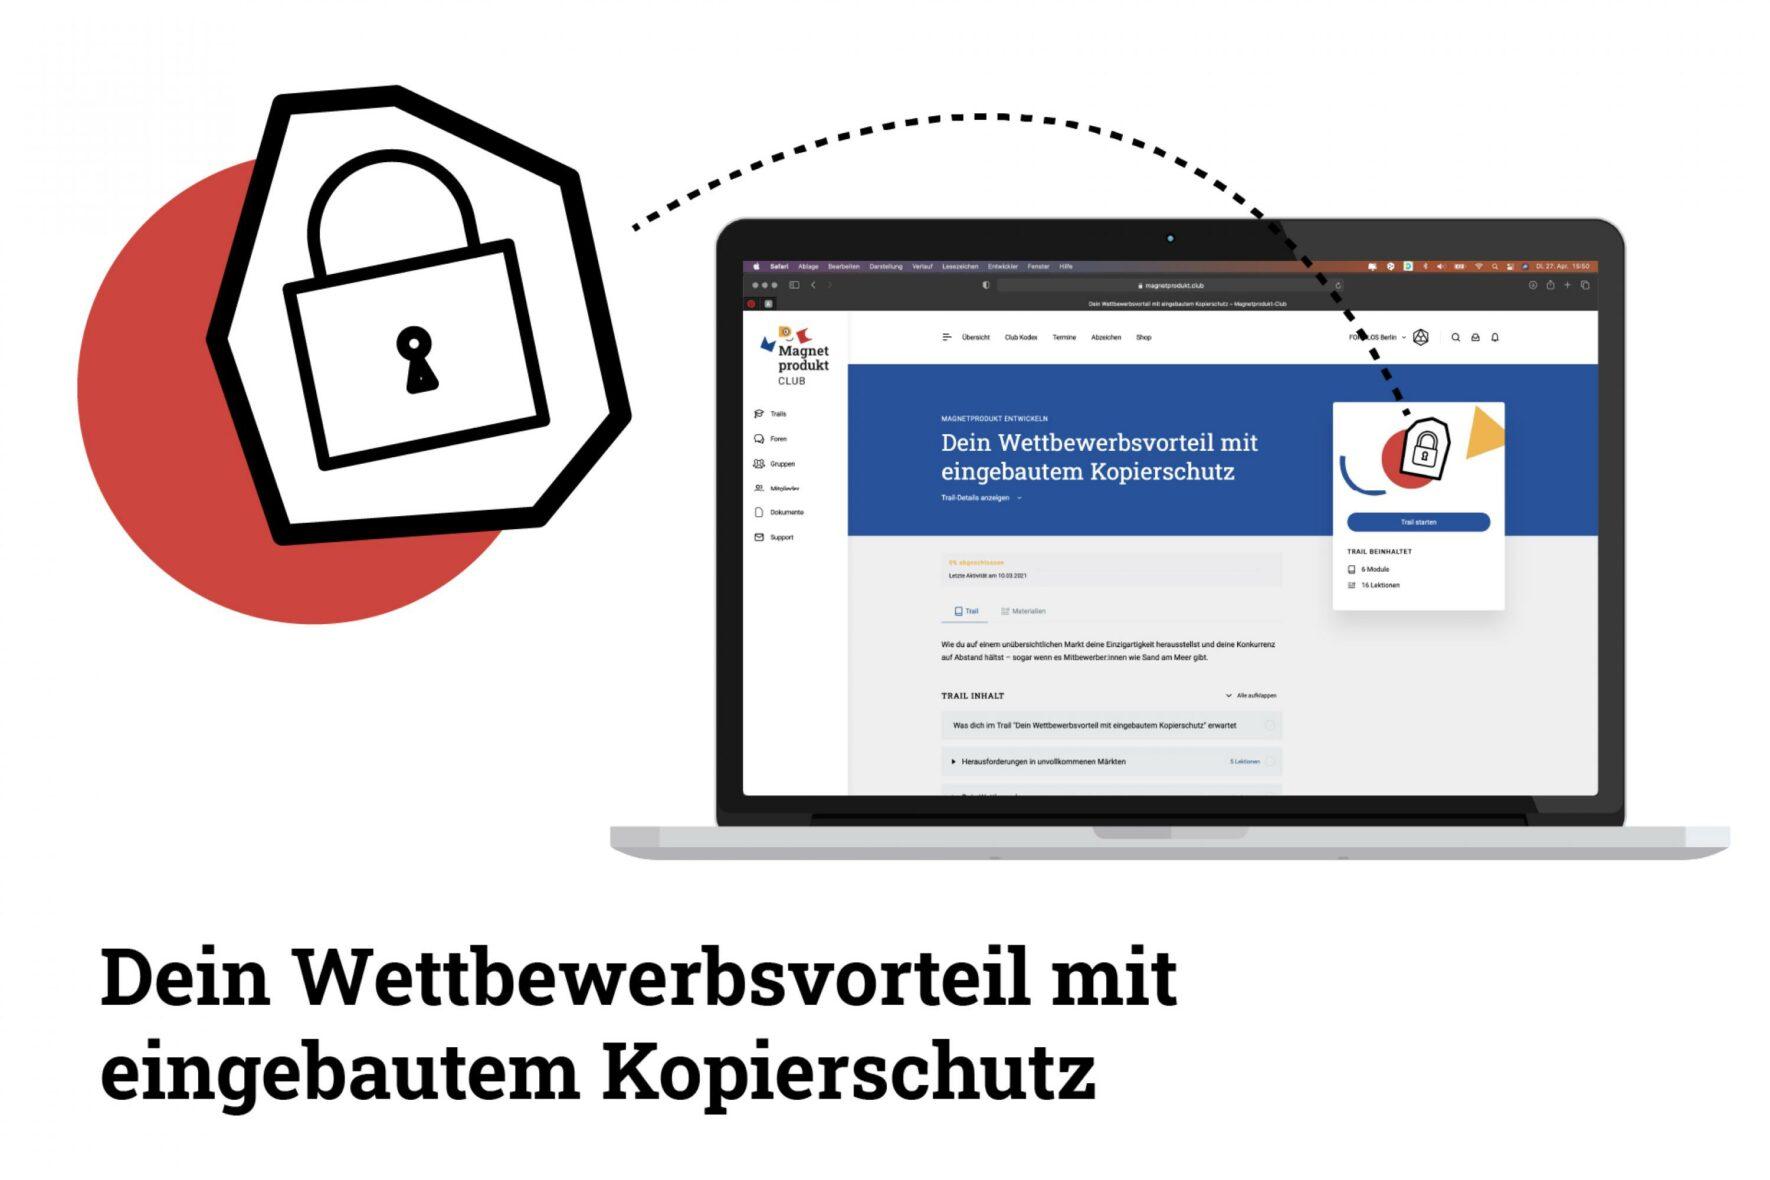 Magnetprodukt-Club-Design-Bradning-FORMLOS-Berlin-Plattform-Badges